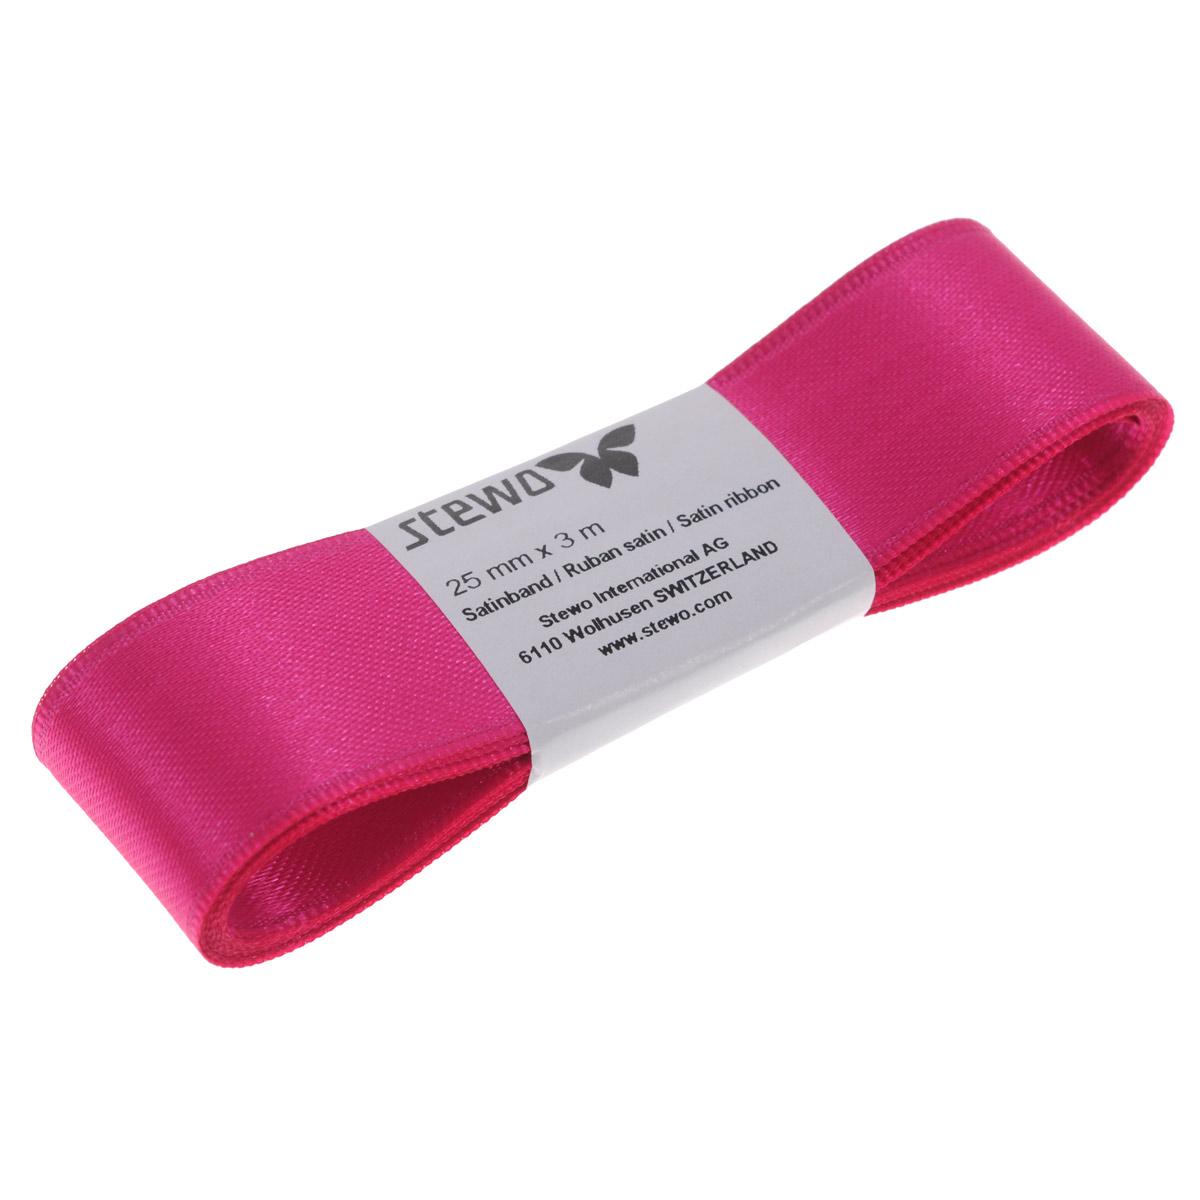 Лента атласная Brunnen, цвет: темно-розовый, ширина 2,5 см, длина 3 м834127-28\STWЛента Brunnen изготовлена из атласа. Область применения атласной ленты весьма широка. Лента предназначена для оформления цветочных букетов, подарочных коробок, пакетов. Кроме того, она с успехом применяется для художественного оформления витрин, праздничного оформления помещений, изготовления искусственных цветов. Ее также можно использовать для творчества в различных техниках, таких как скрапбукинг, оформление аппликаций, для украшения фотоальбомов, подарков, конвертов, фоторамок, открыток и т.д.Ширина ленты: 2,5 см.Длина ленты: 3 м.